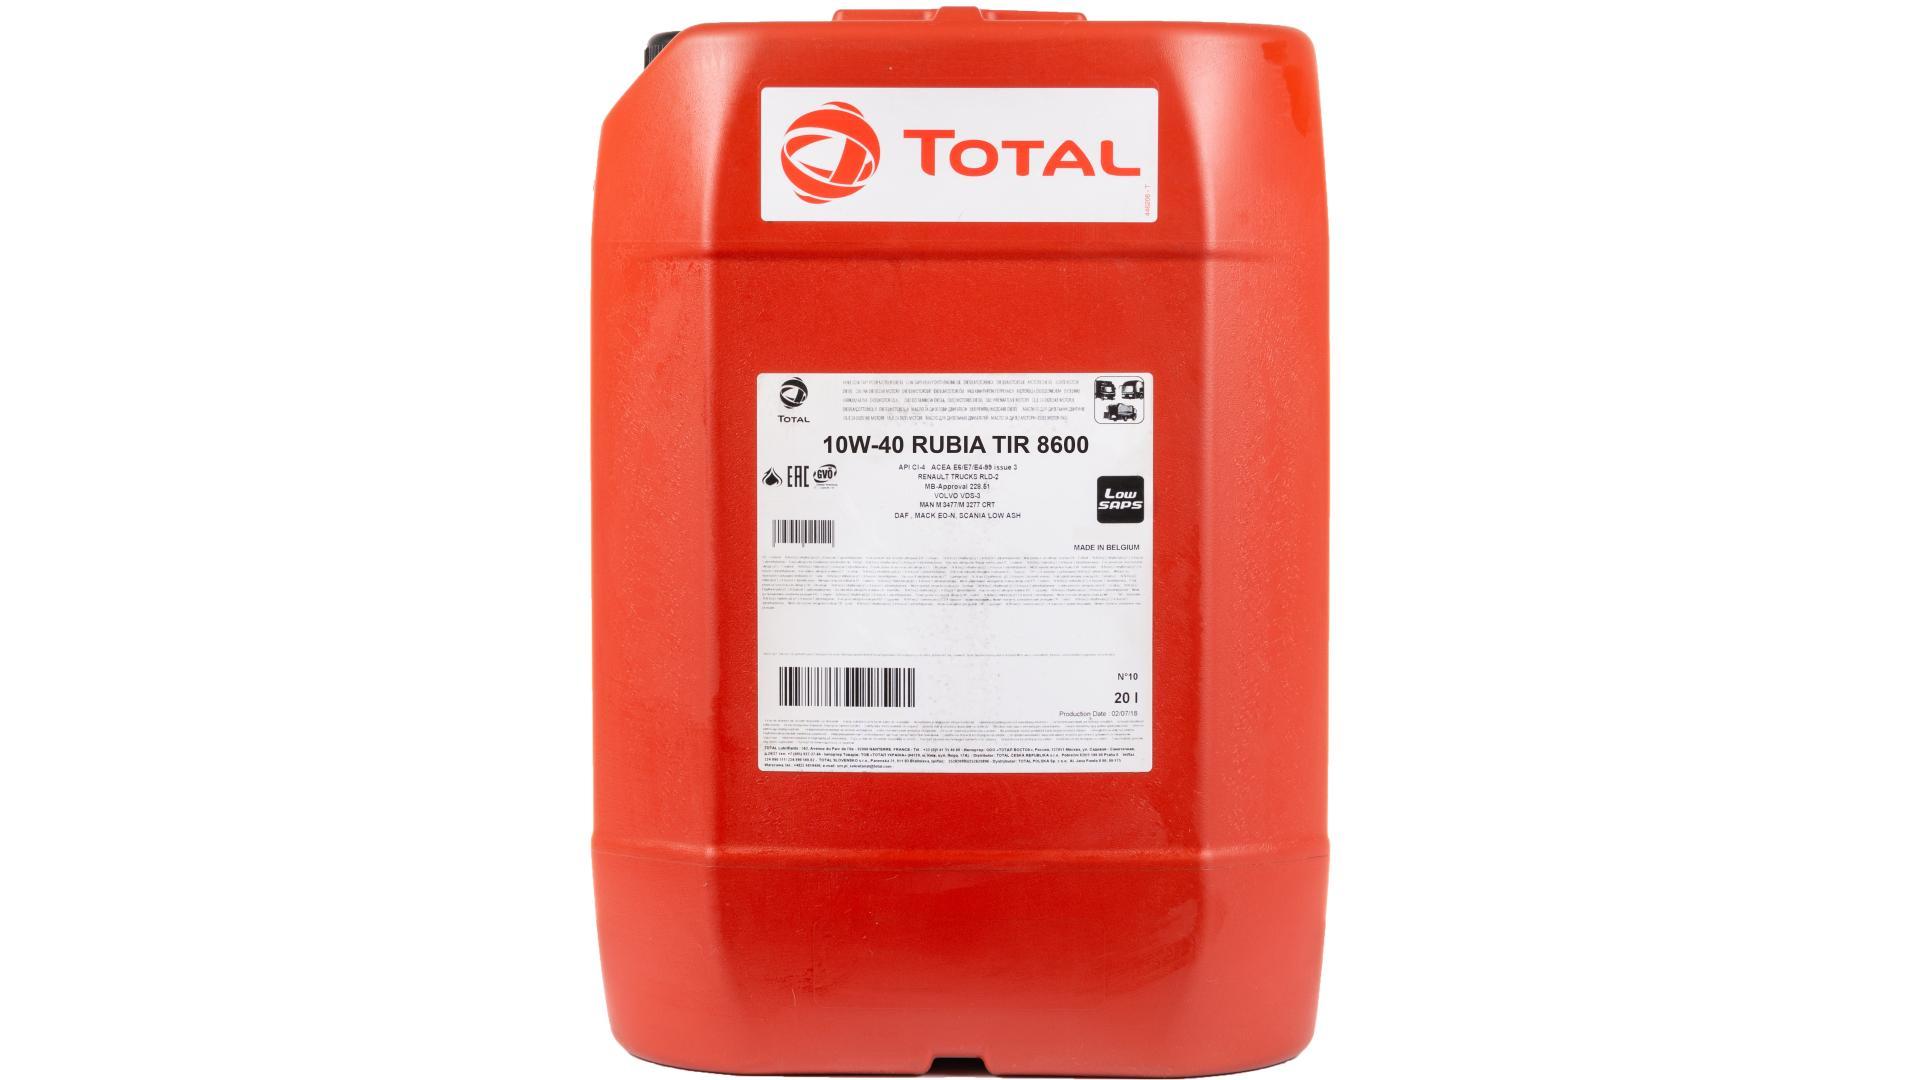 Total 10w-40 Rubia Tir 8600 20L (110801)